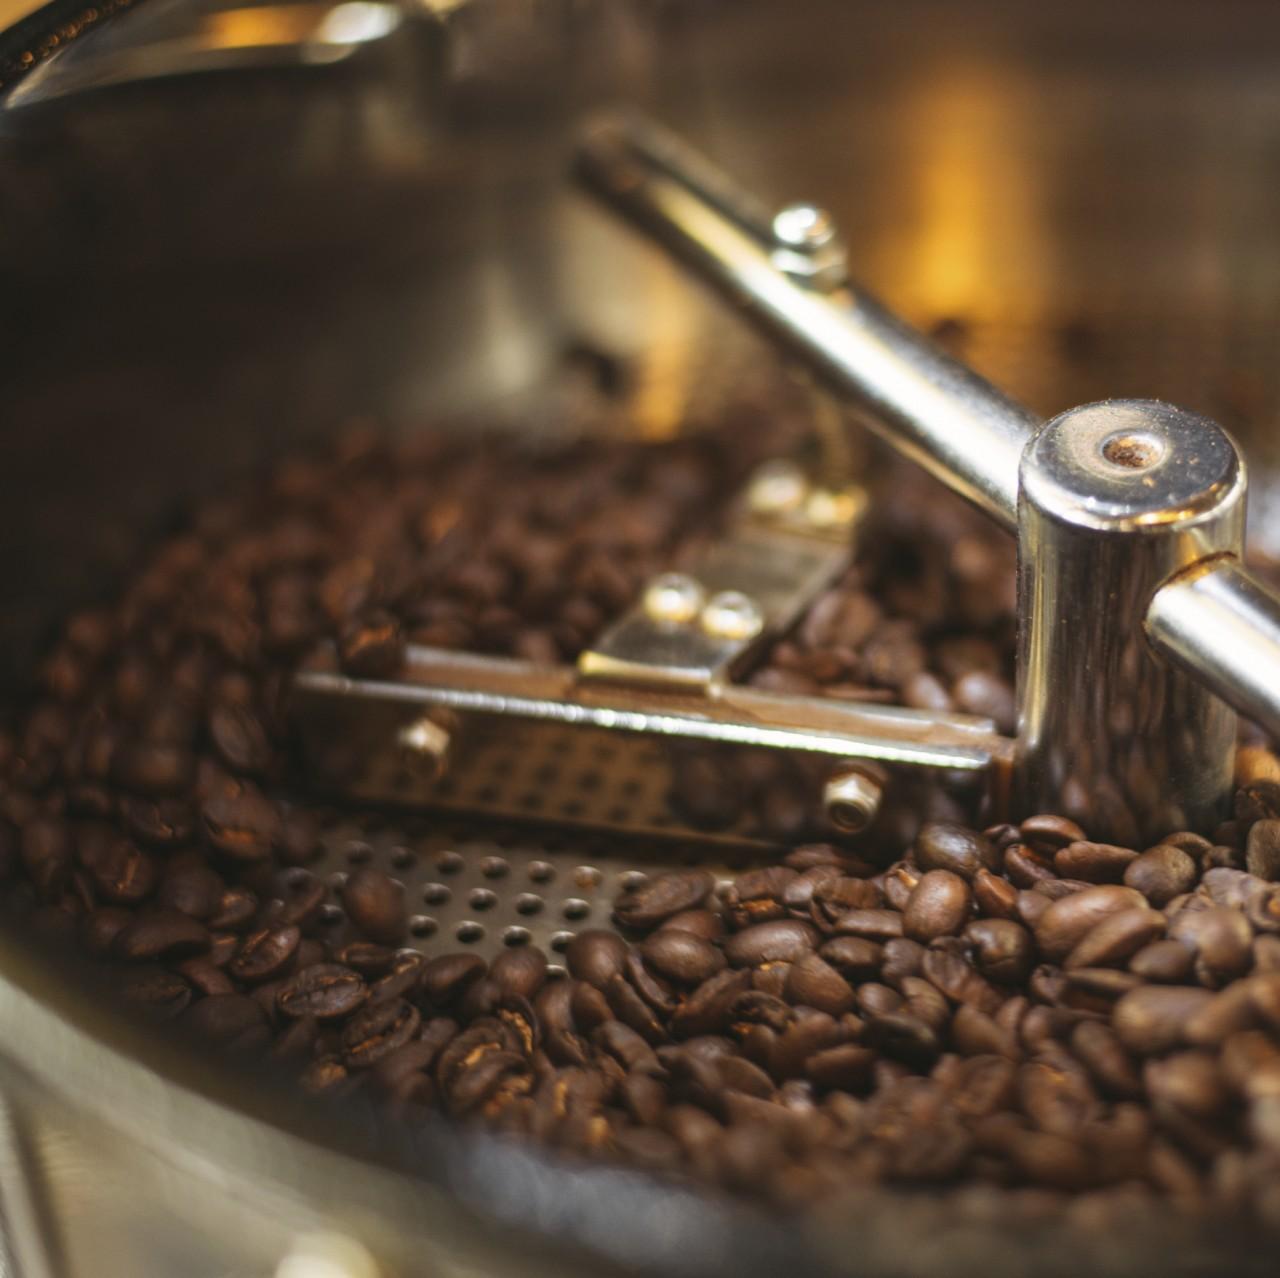 Cùng một loại cà phê nhưng vì sao ta thưởng thức hương vị ở mỗi nơi mỗi khác? Lý do là... - Ảnh 4.